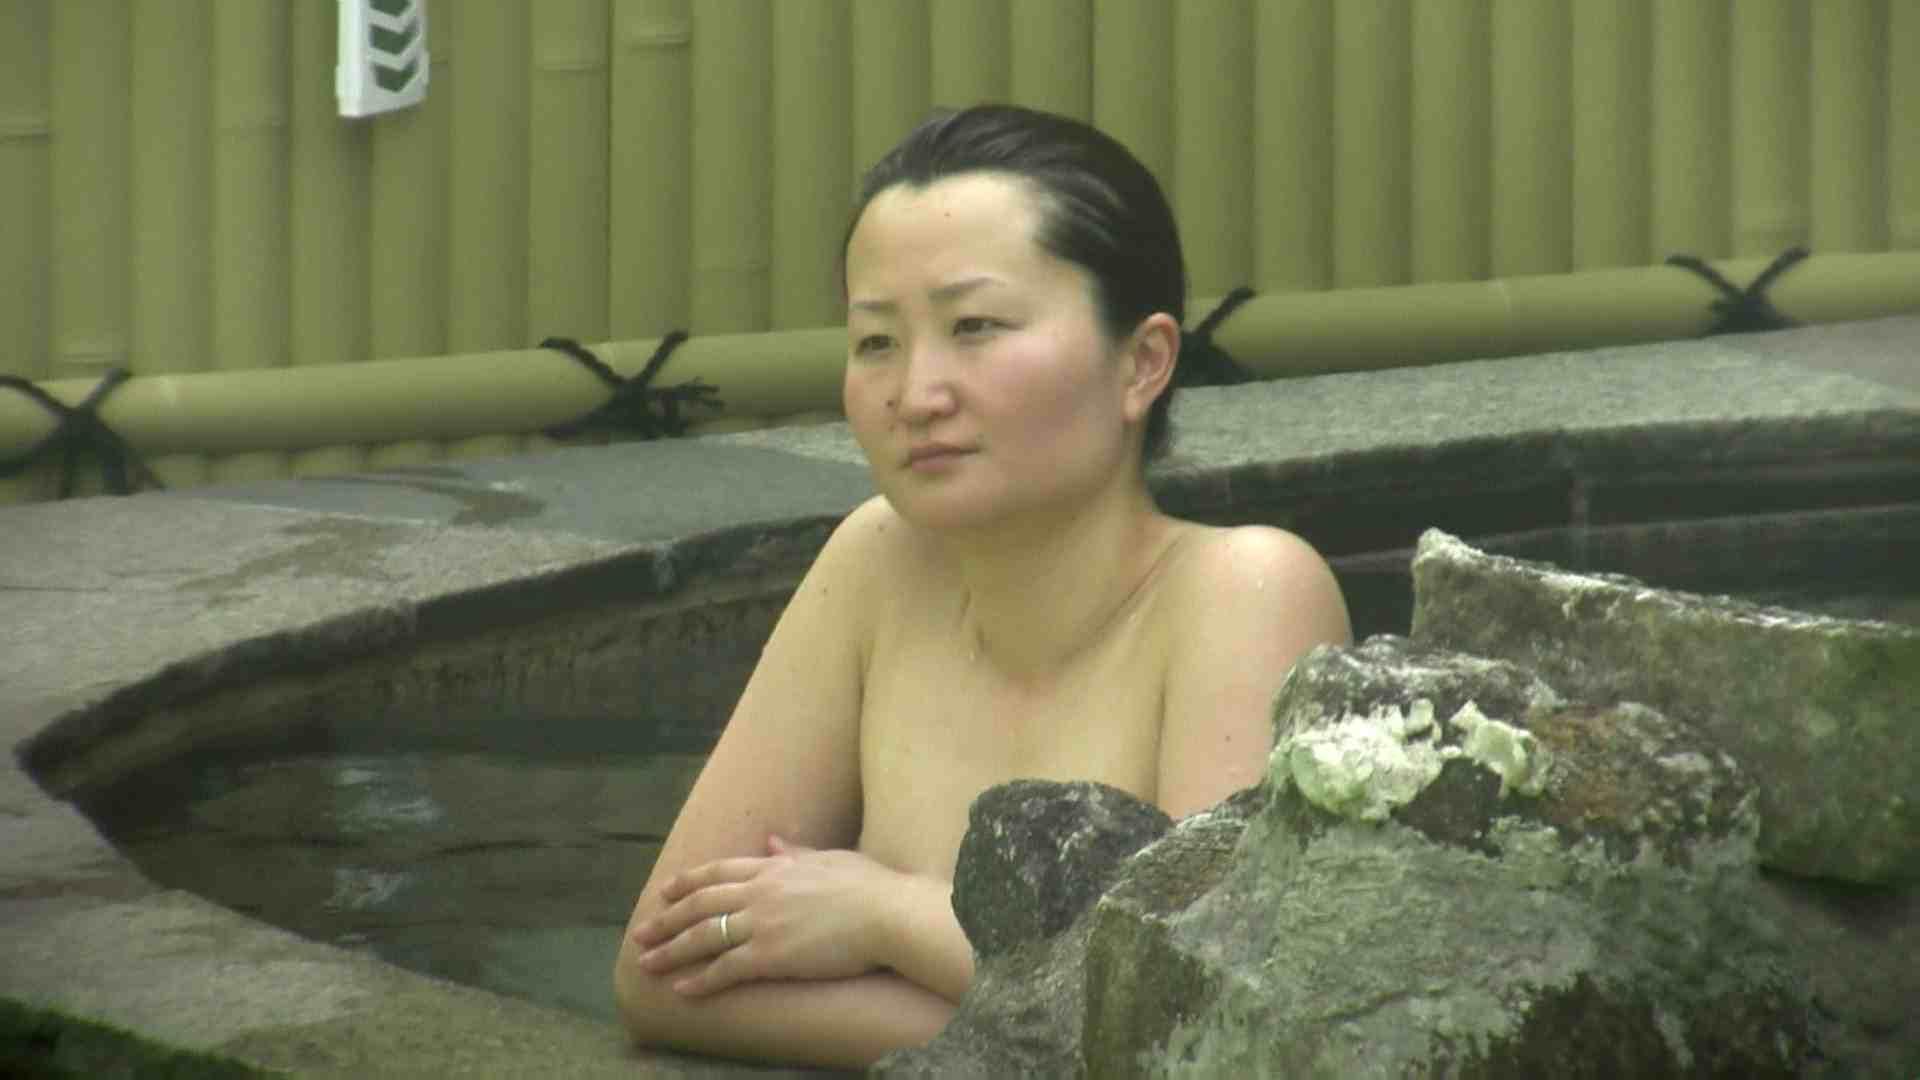 Aquaな露天風呂Vol.632 盗撮  70画像 12